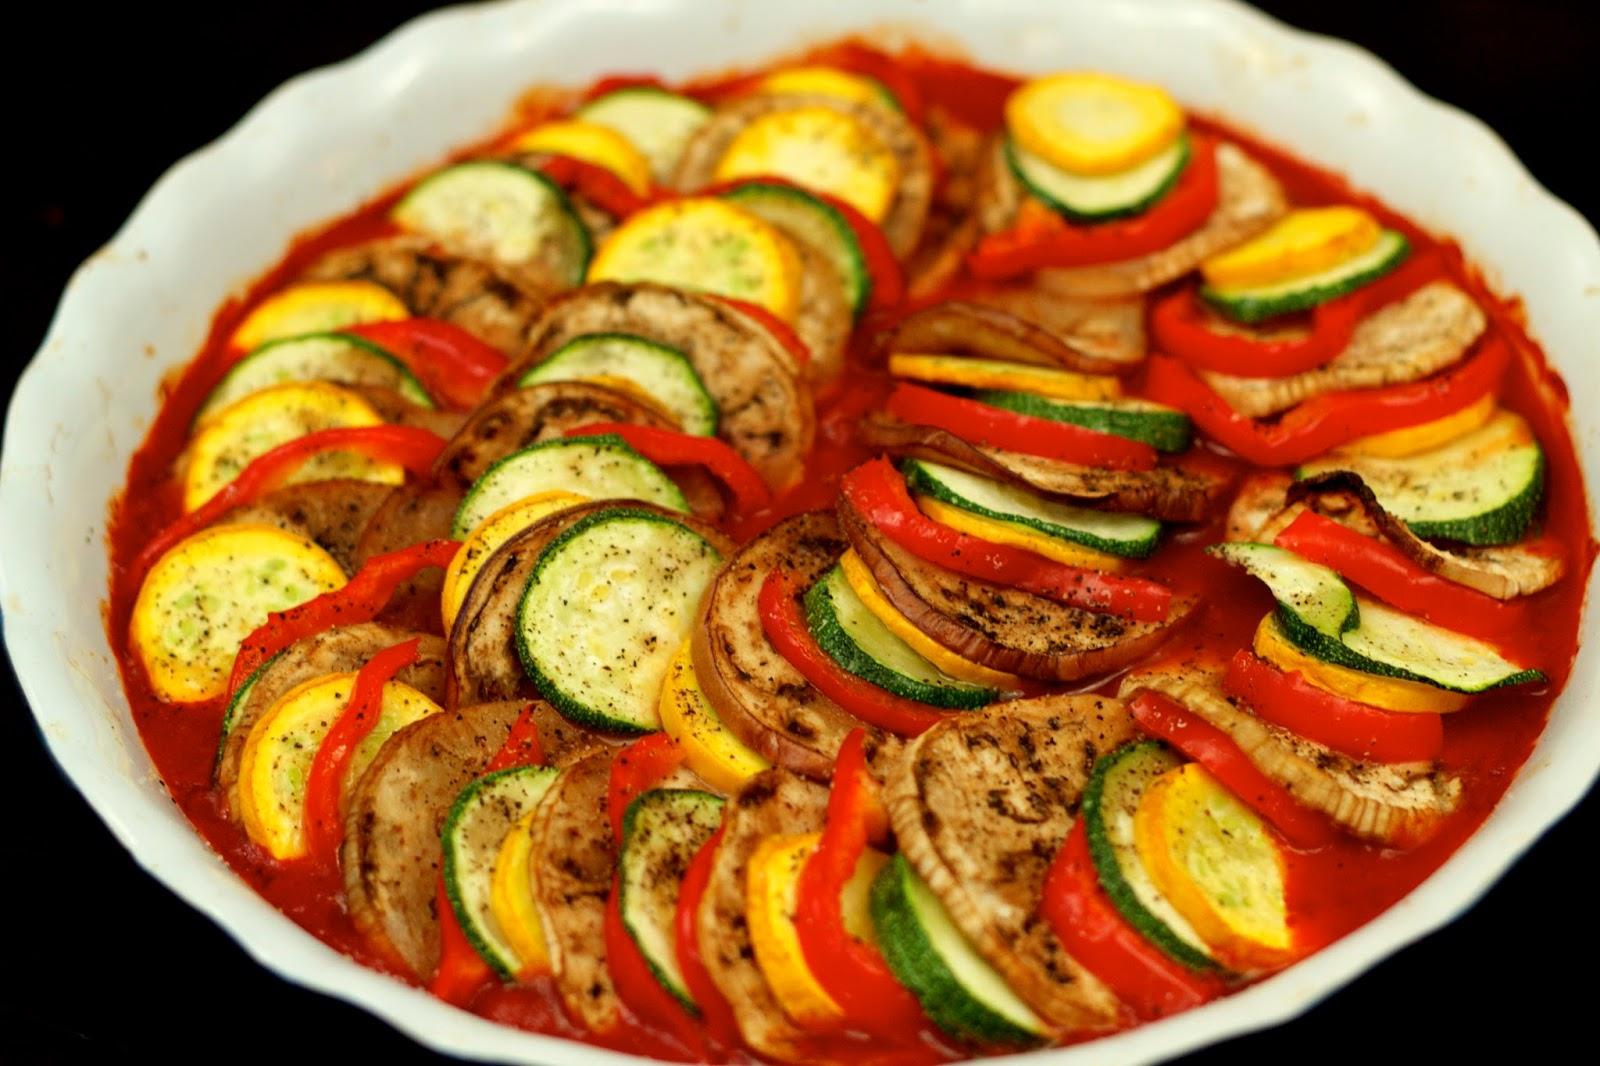 Comida francesa for La comida tipica de francia